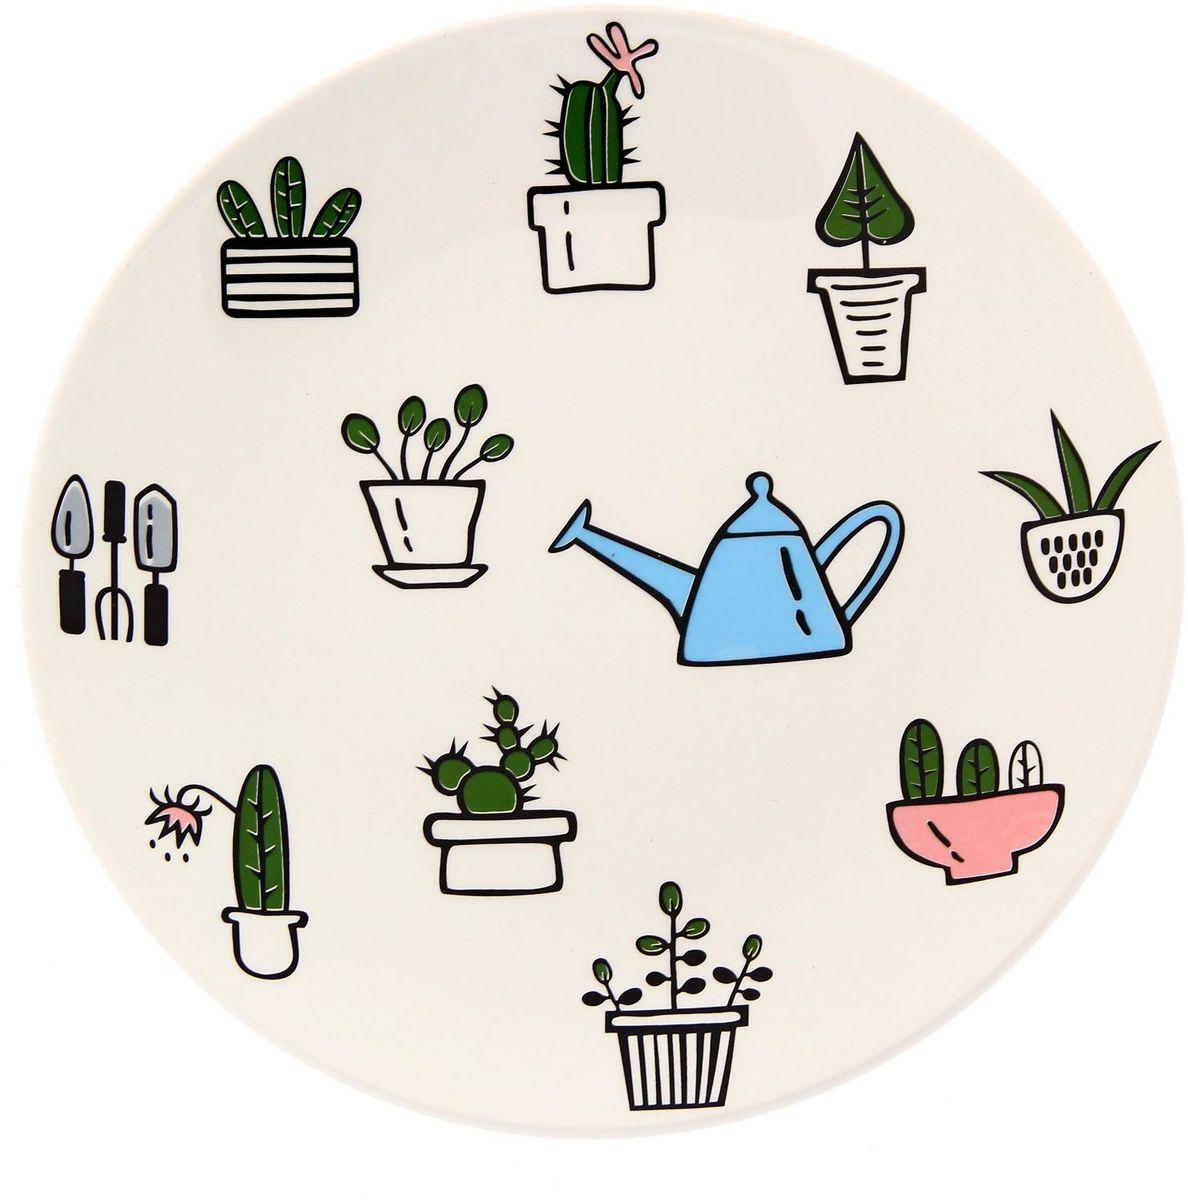 Тарелка Сотвори чудо Домашний сад, диаметр 22 см54 009312Хотите обновить интерьер кухни или гостиной? Устраиваете необычную фотосессию или тематический праздник? А может, просто ищете подарок для близкого человека? Посуда Сотвори Чудо — правильный выбор в любой ситуации. Тарелка Сотвори Чудо, изготовленная из изящного фаянса нежного сливочного цвета, оформлена оригинальным рисунком со стойкой краской. Пригодна для посудомоечной машины.